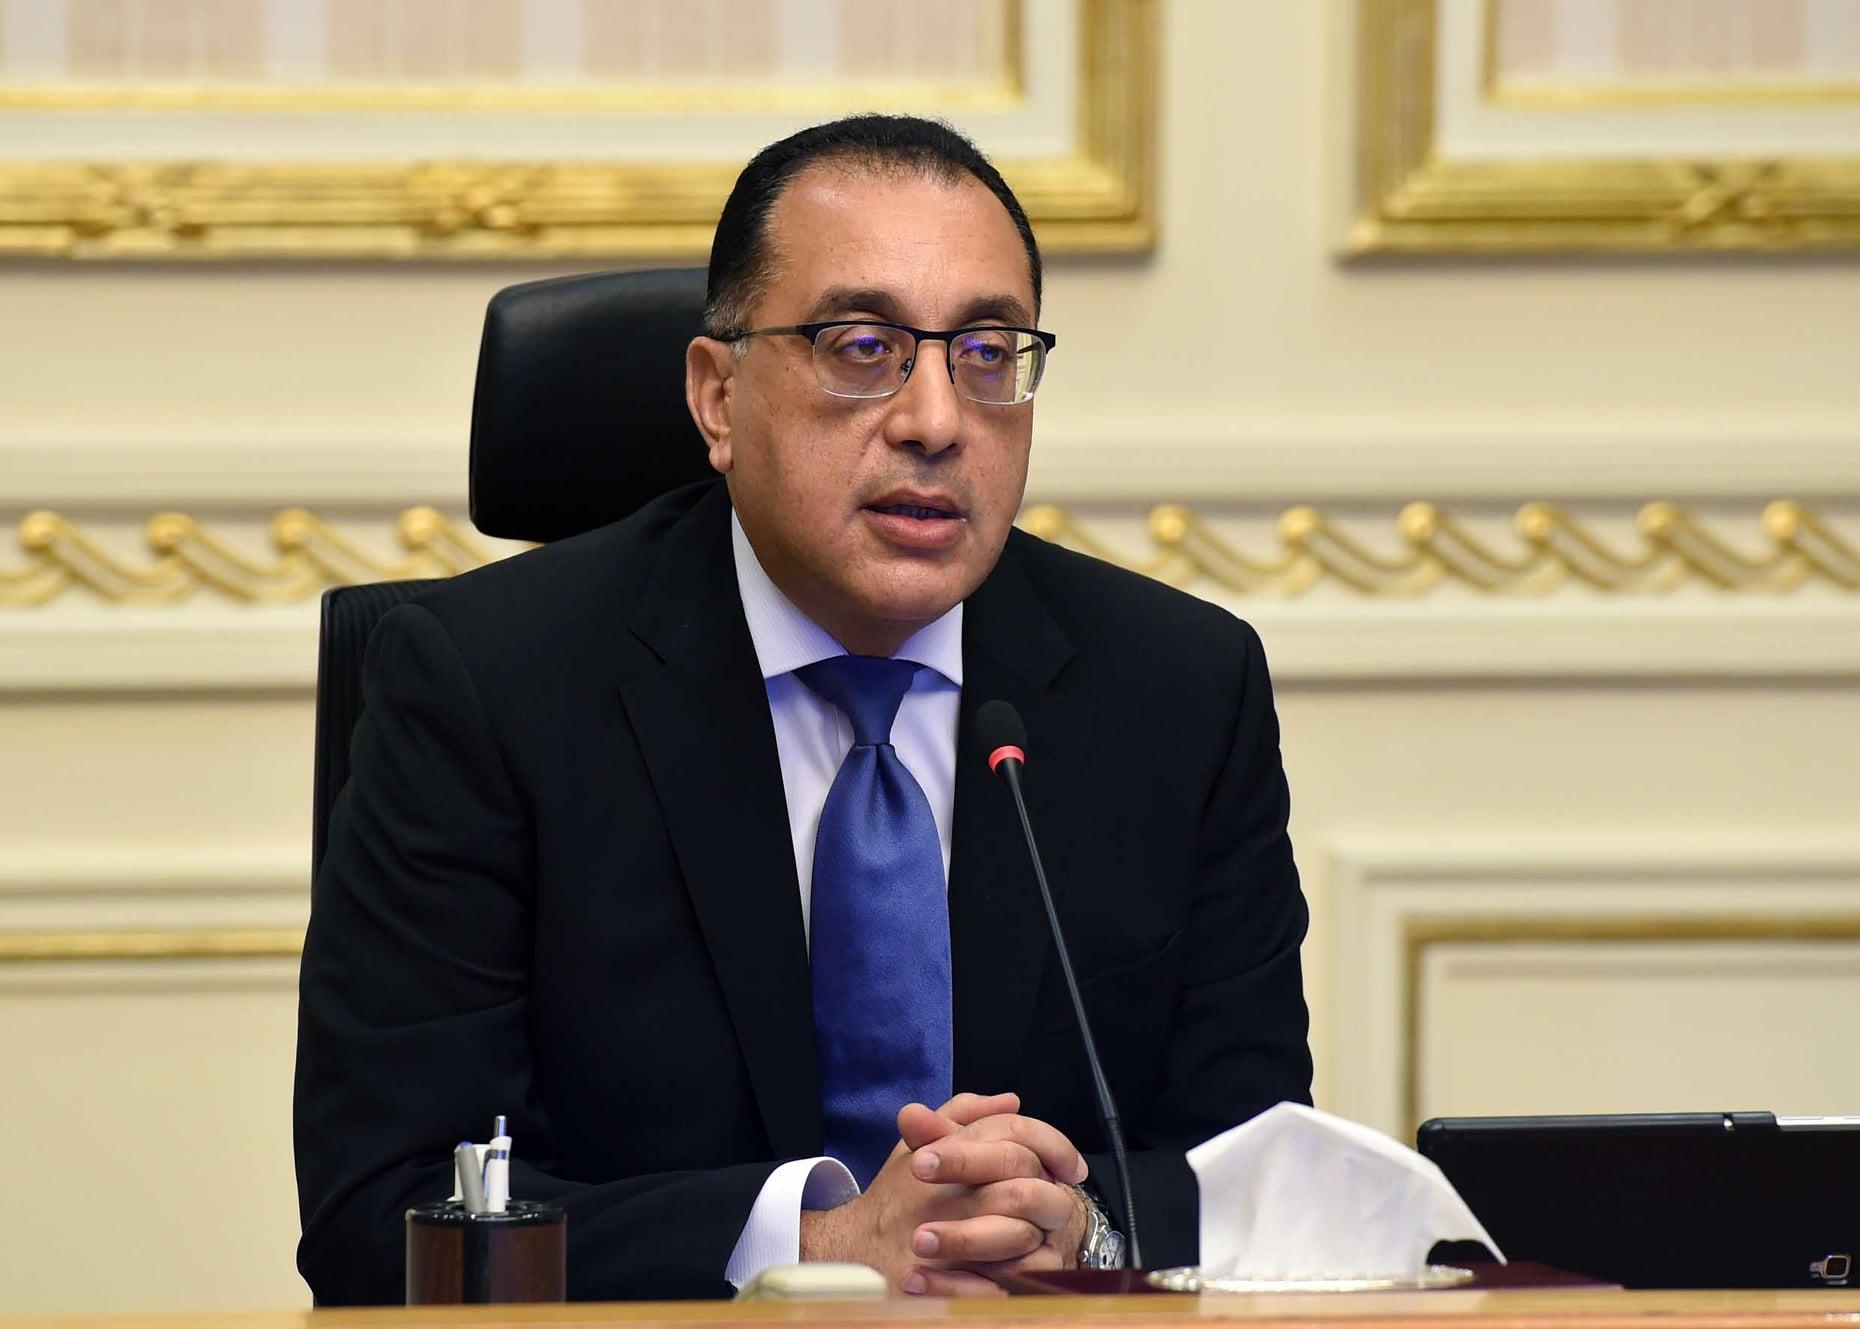 رئيس الوزراء يستعرض مع وزير المالية دليل أصحاب المشروعات المتوسطة والصغيرة